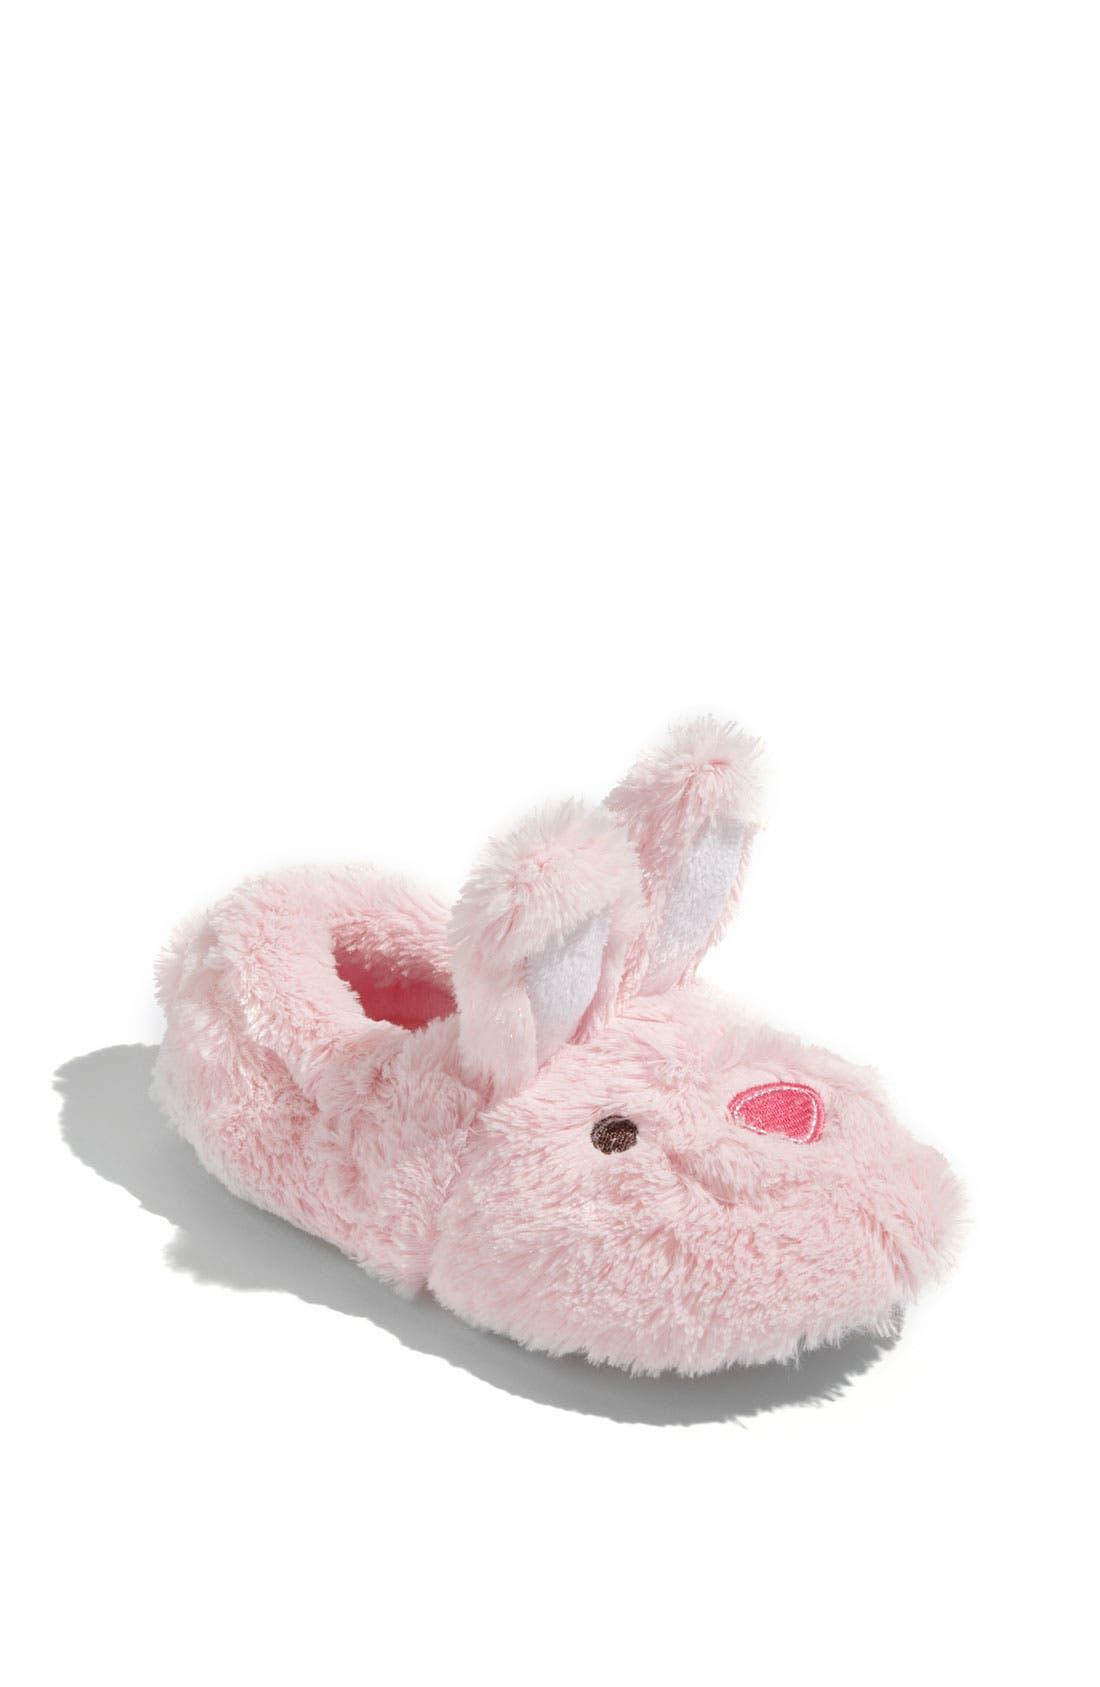 Main Image - Stride Rite 'Fuzzy Animal' Slipper (Walker, Toddler, & Little Kid)